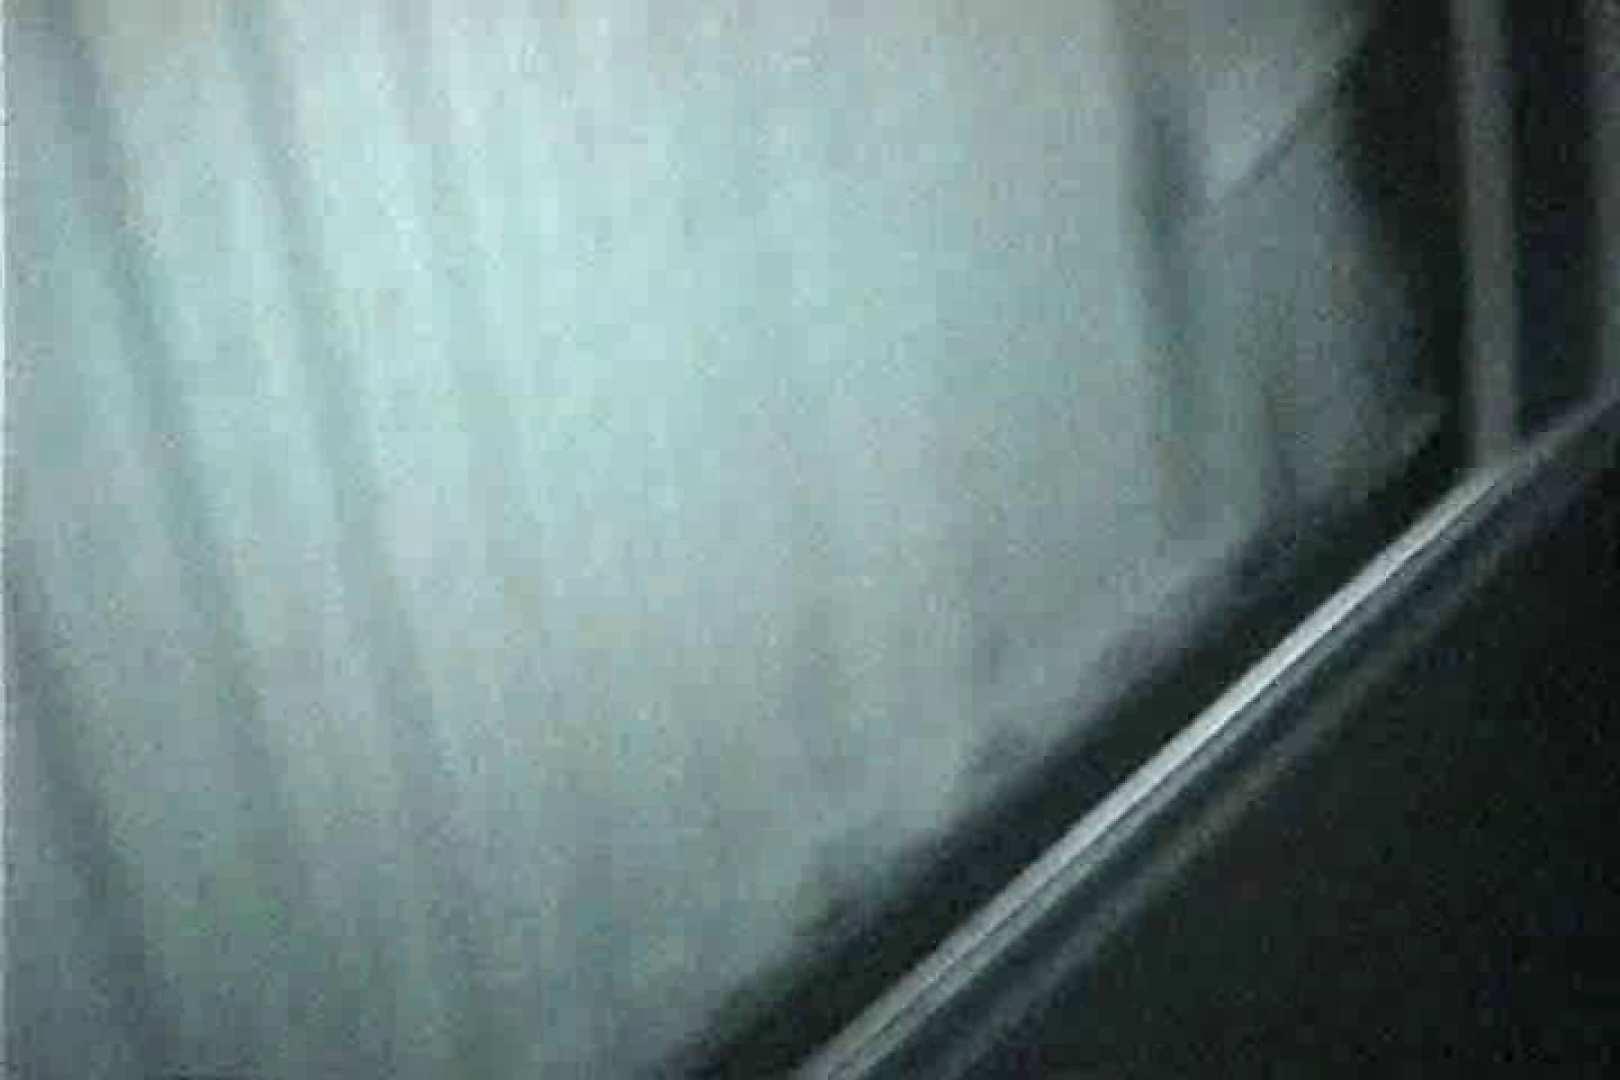 充血監督の深夜の運動会Vol.28 ラブホテル隠し撮り SEX無修正画像 100pic 79